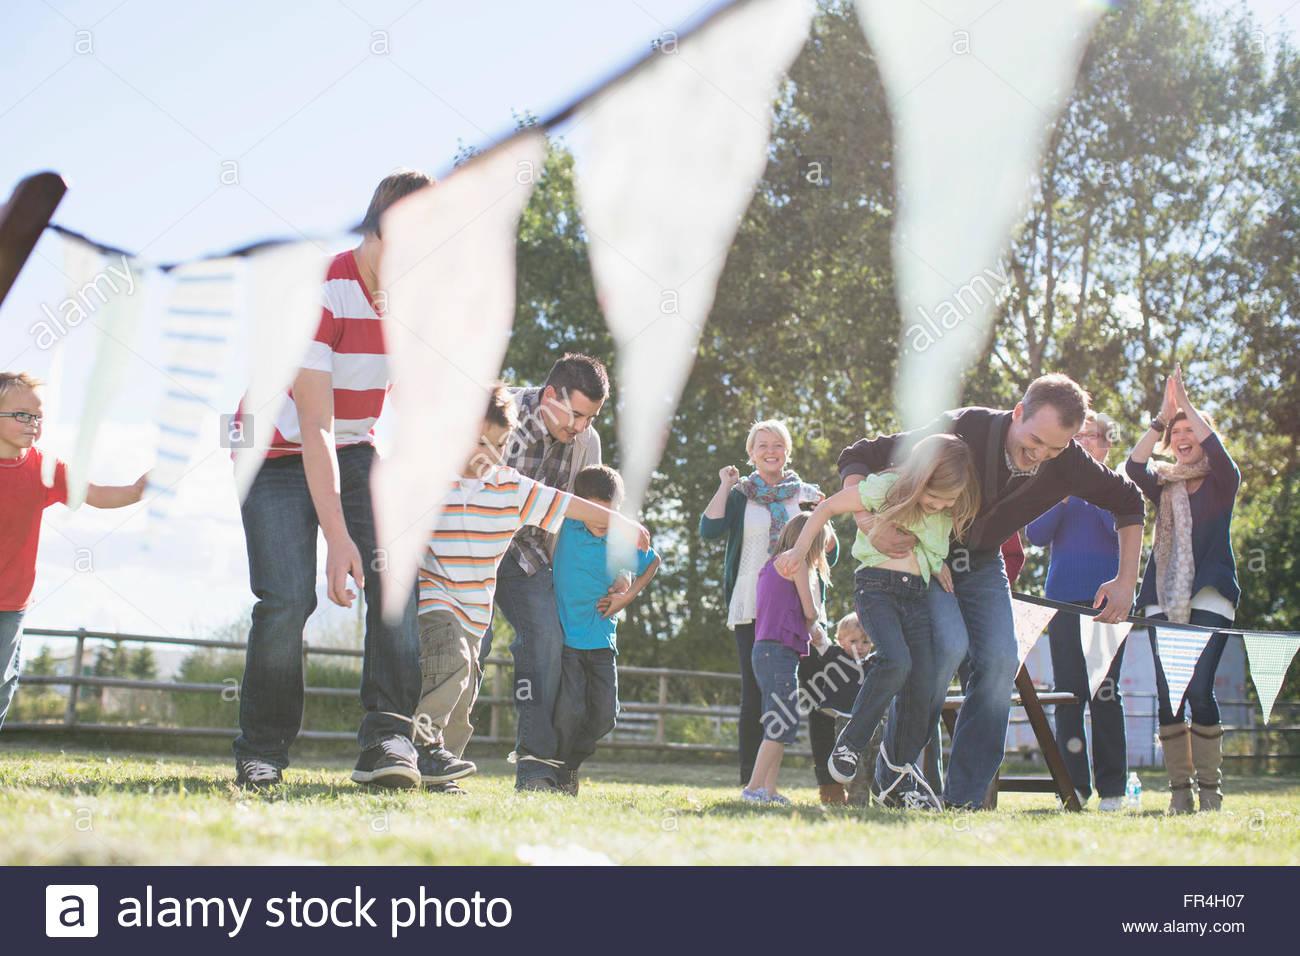 Familie Familie in 3 Beinen Rennveranstaltung jubeln. Stockbild